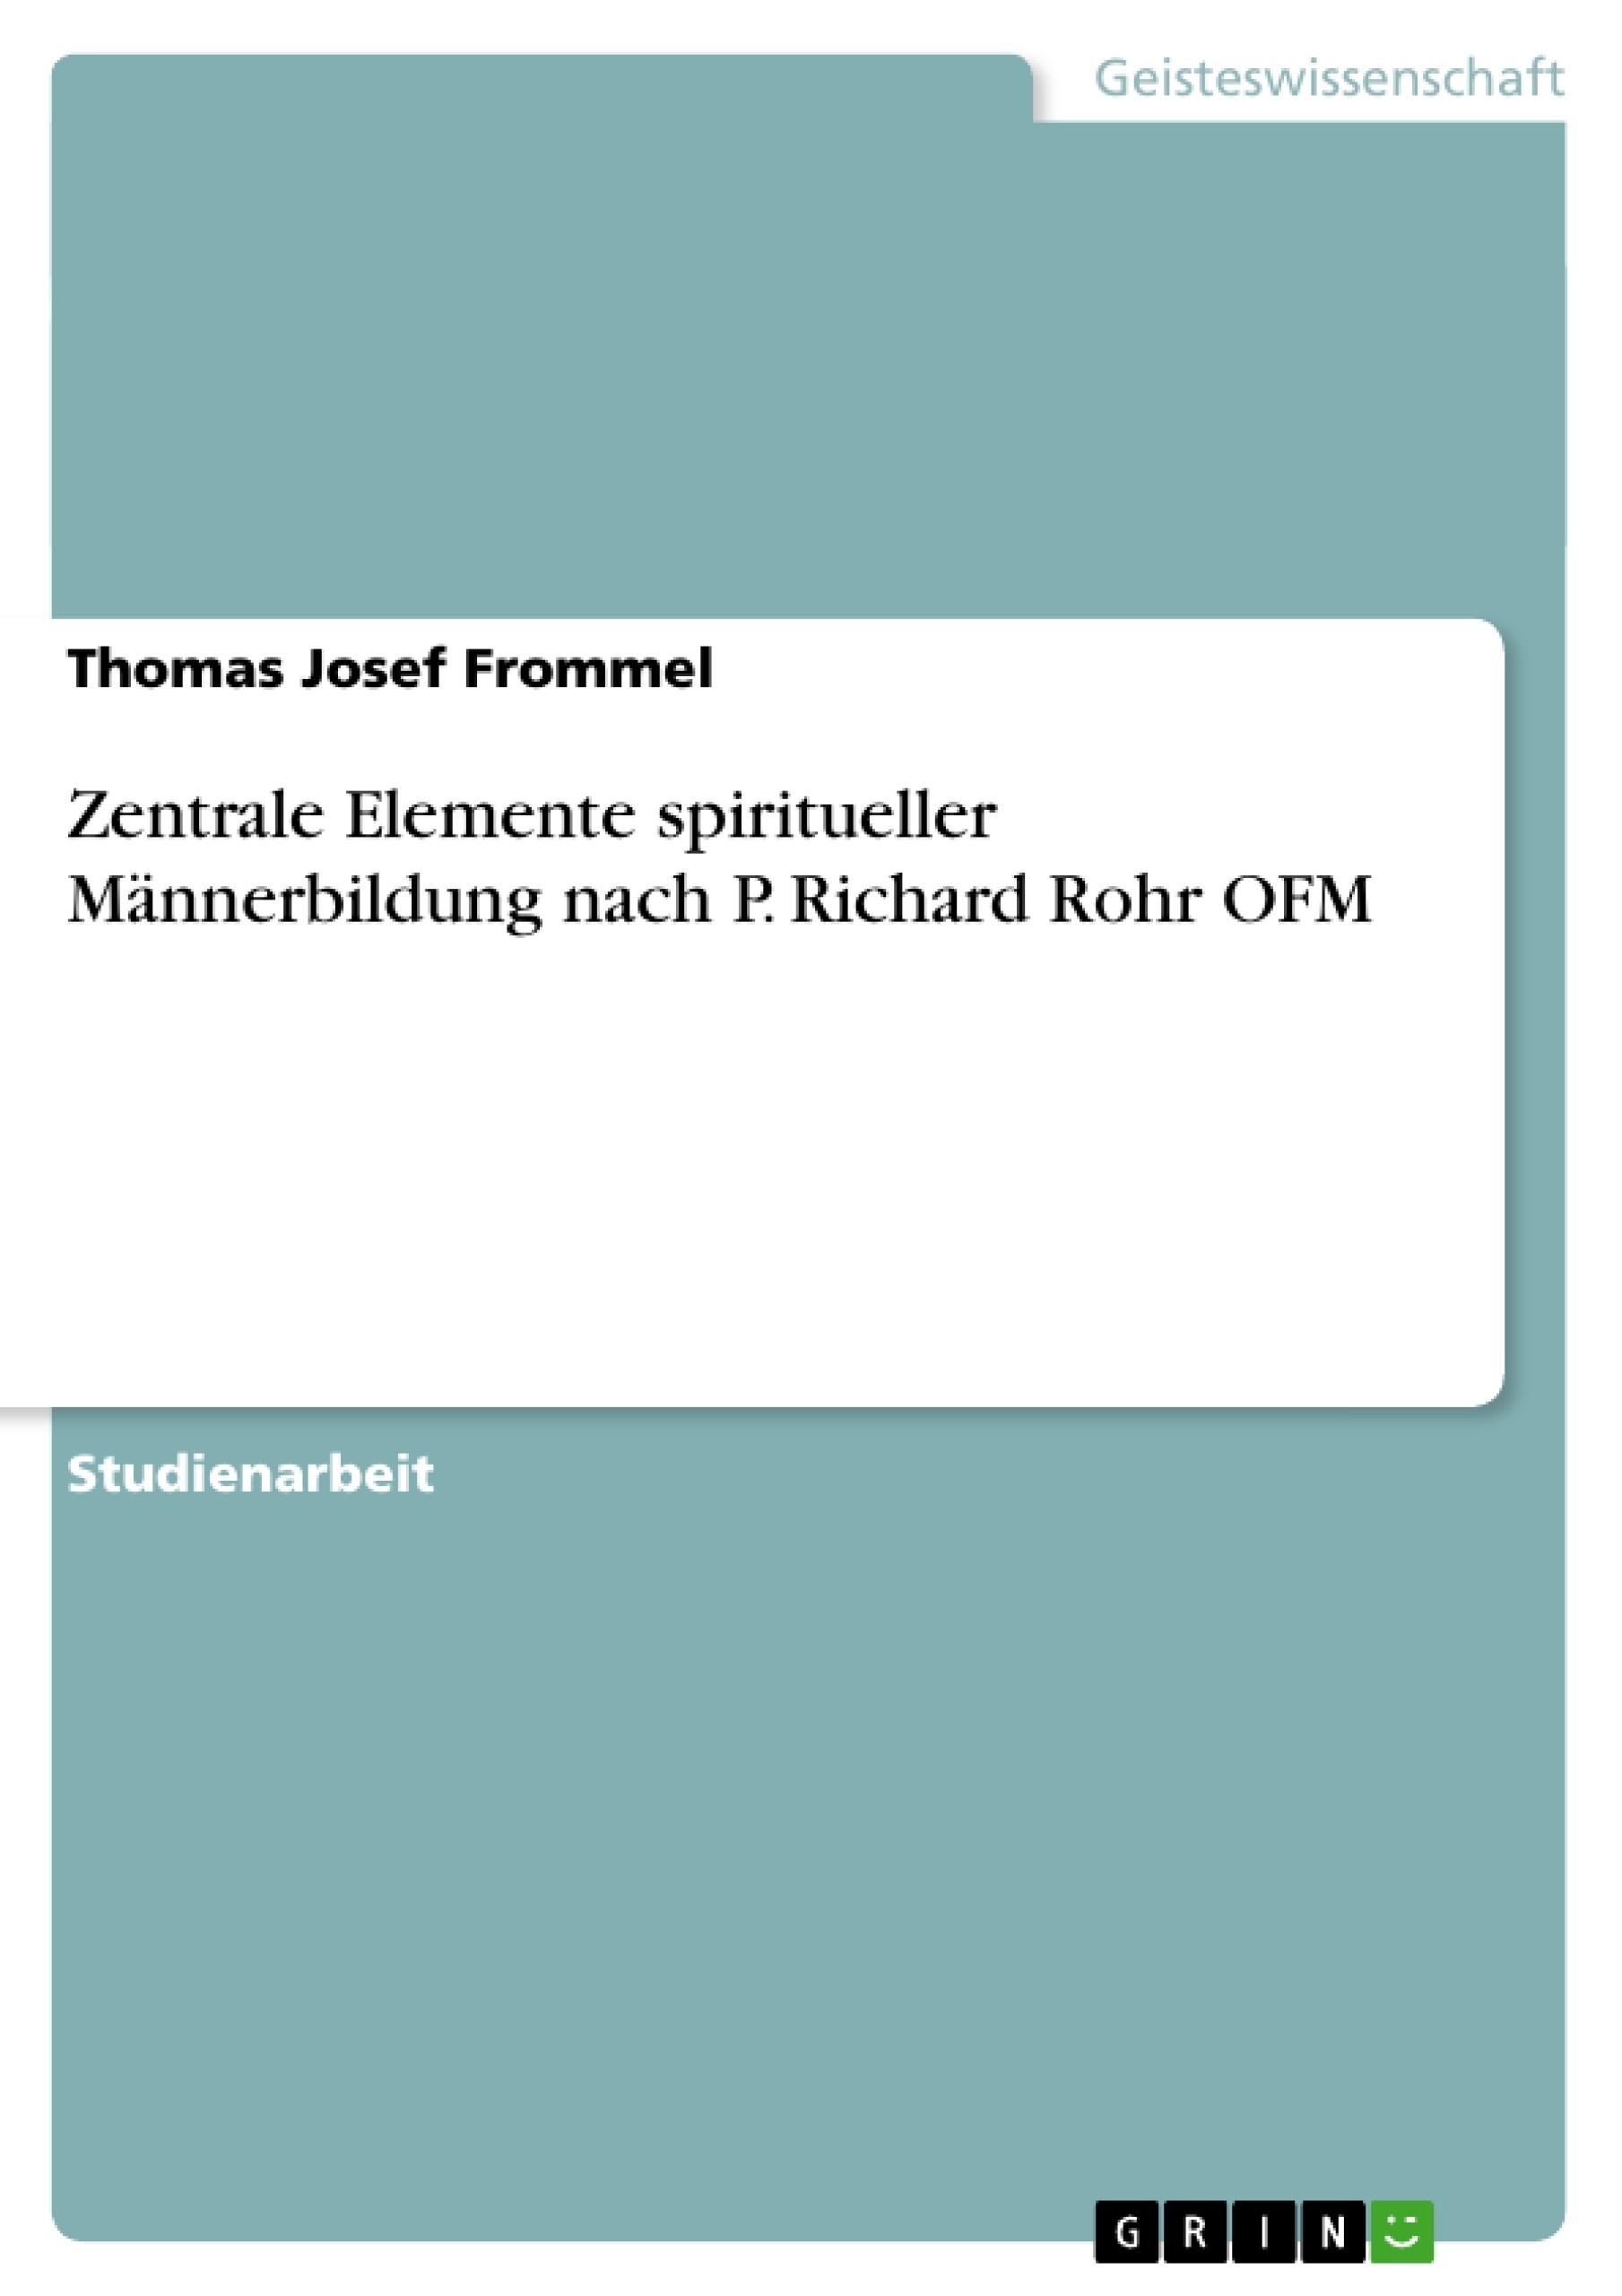 Titel: Zentrale Elemente spiritueller Männerbildung nach P. Richard Rohr OFM